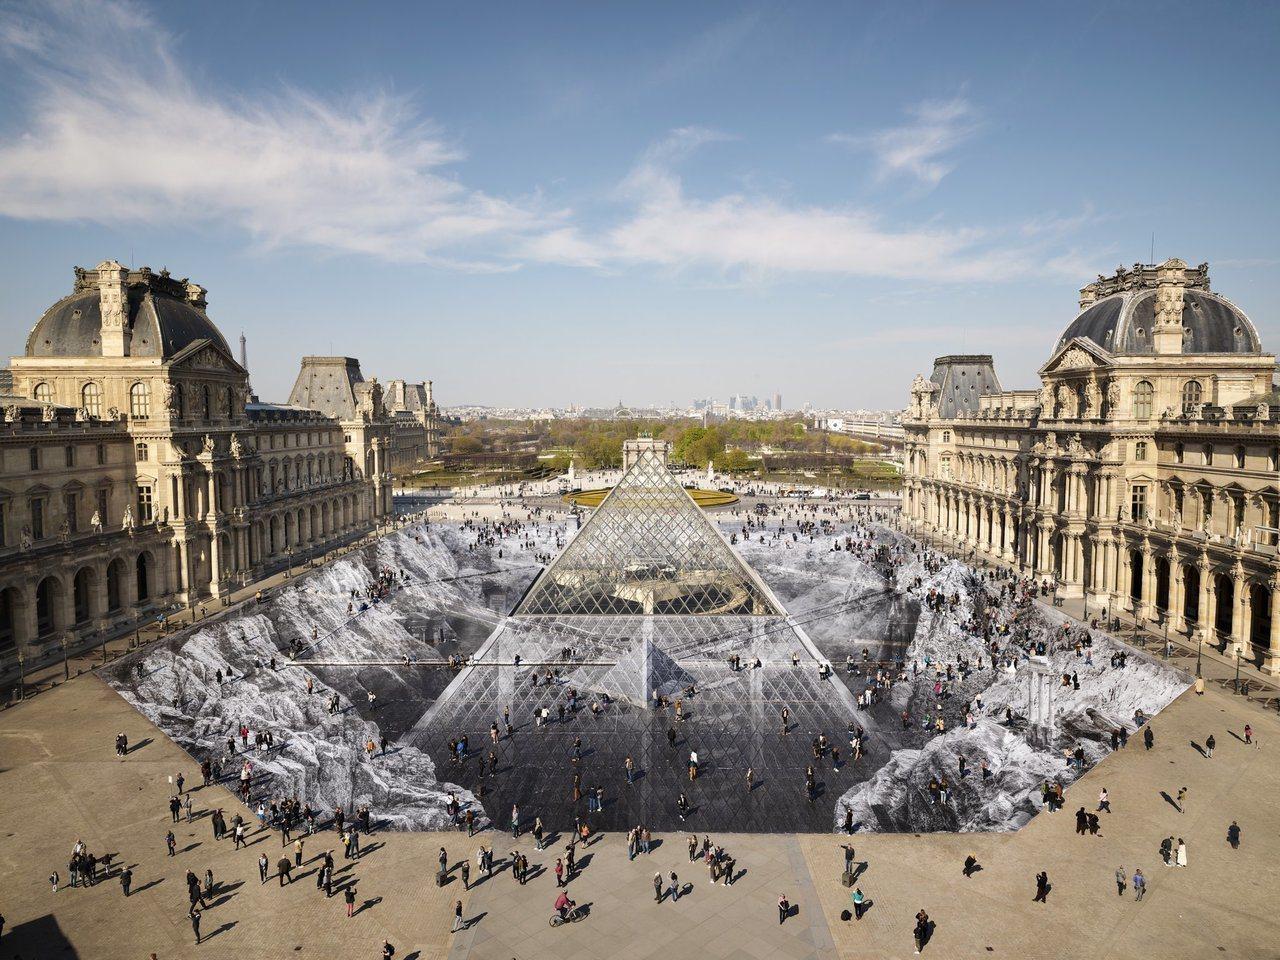 為慶祝羅浮宮金字塔落成30週年,藝術家JR鋪設了大型拼貼畫在金字塔前。圖片來源/...